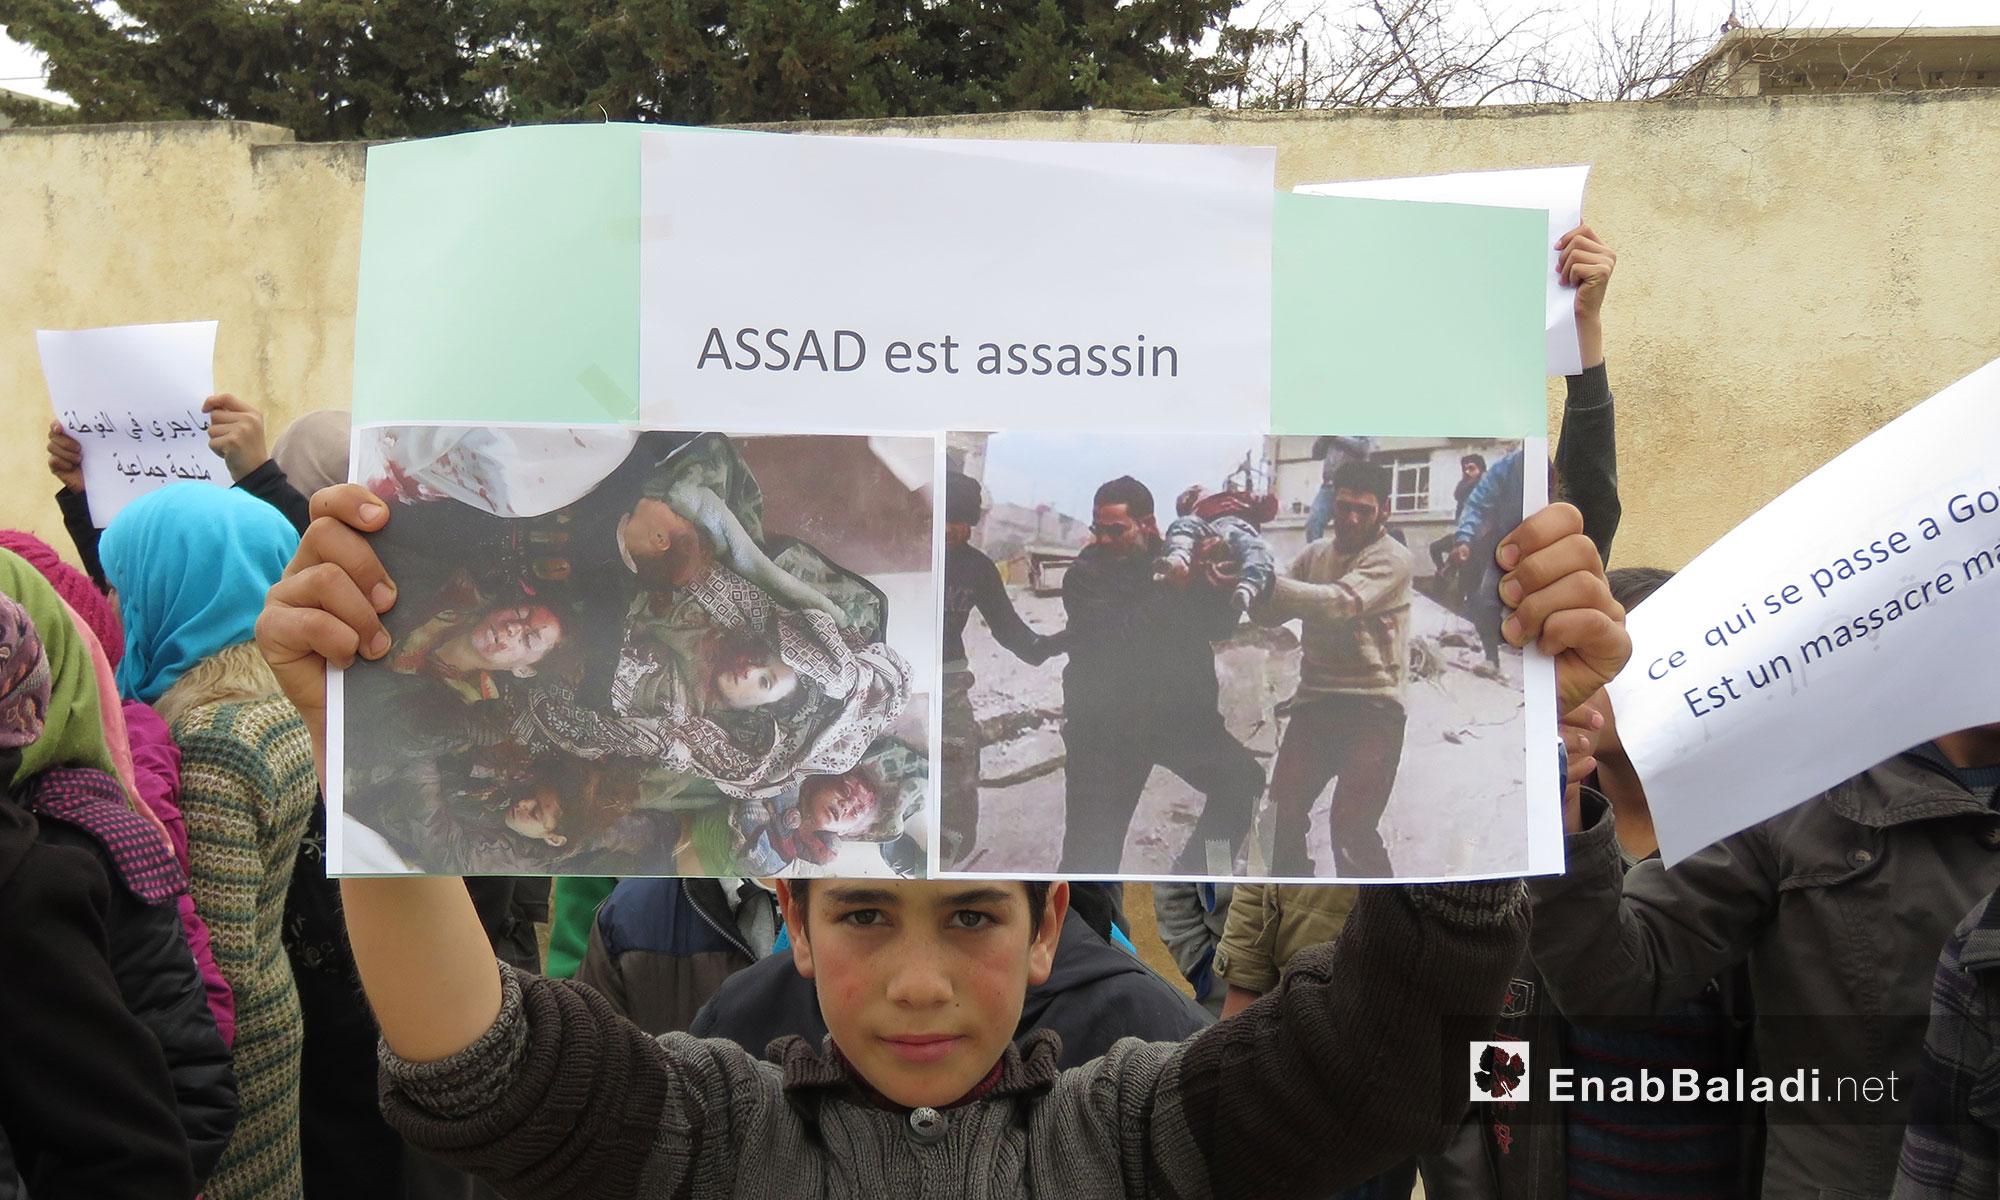 طلاب في مدرسة مجد الشام يعتصمون تضامنًا مع الغوطة الشرقية بريف حماة -21 شباط 2018 (عنب بلدي)